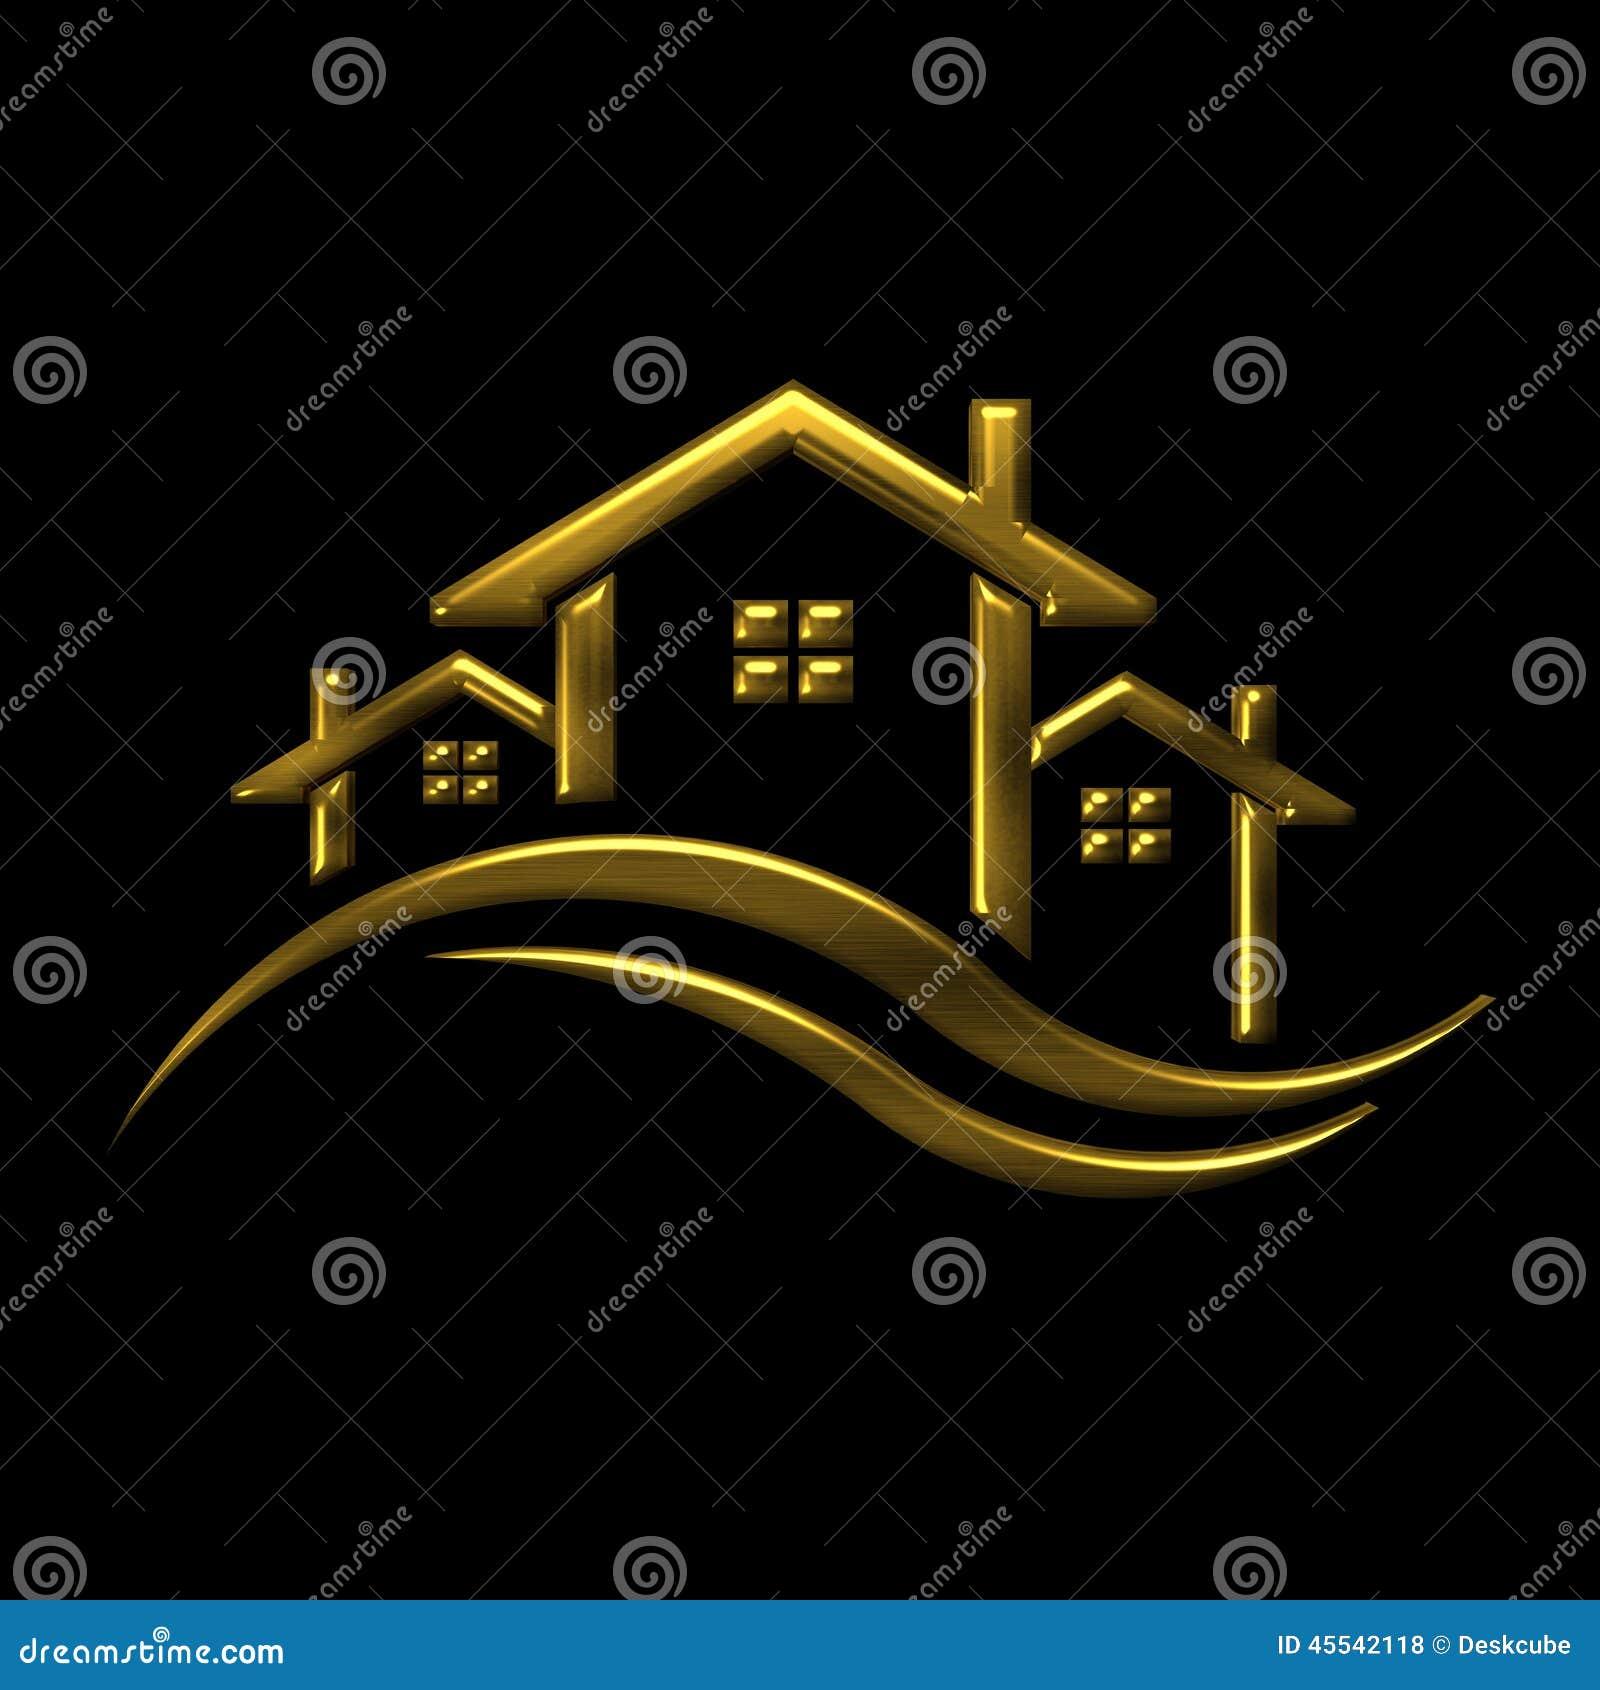 golden icon houses 3d illustration logo stock illustration